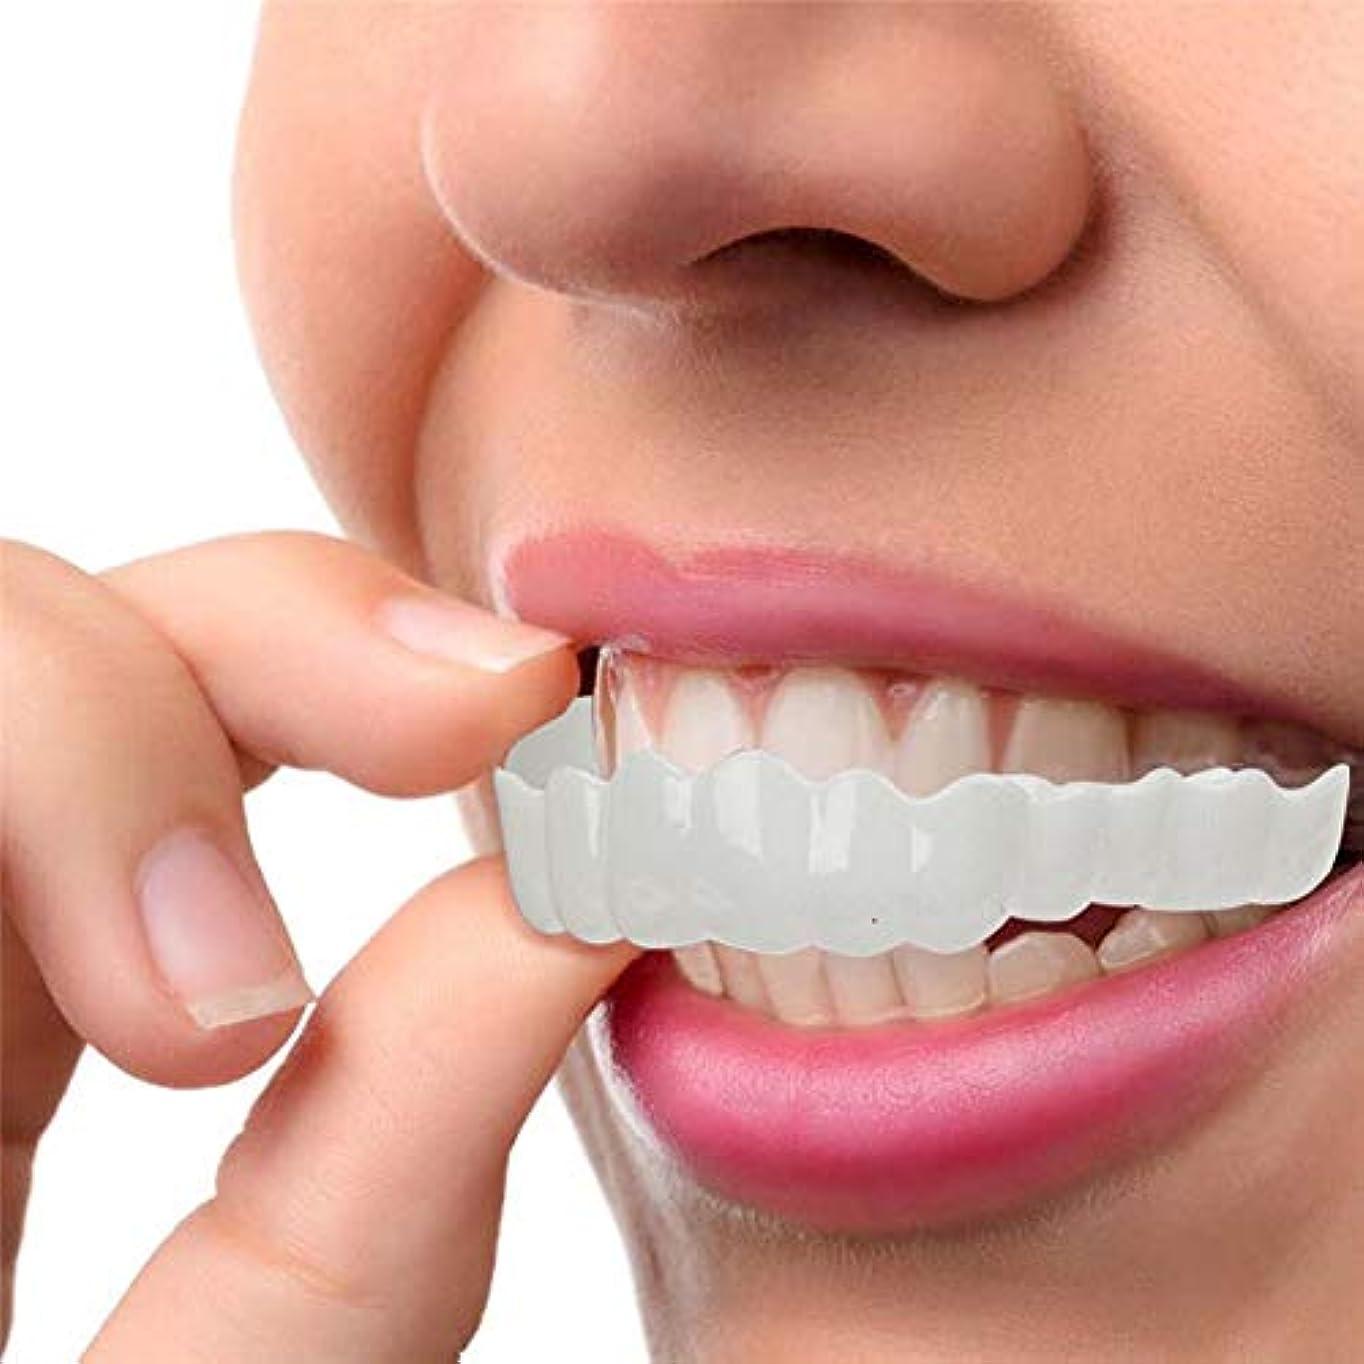 ファイナンスはねかける弾丸化粧品の歯、白い歯をきれいにするための快適なフィットフレックス歯ソケット、超快適、快適なフィット感、5セット